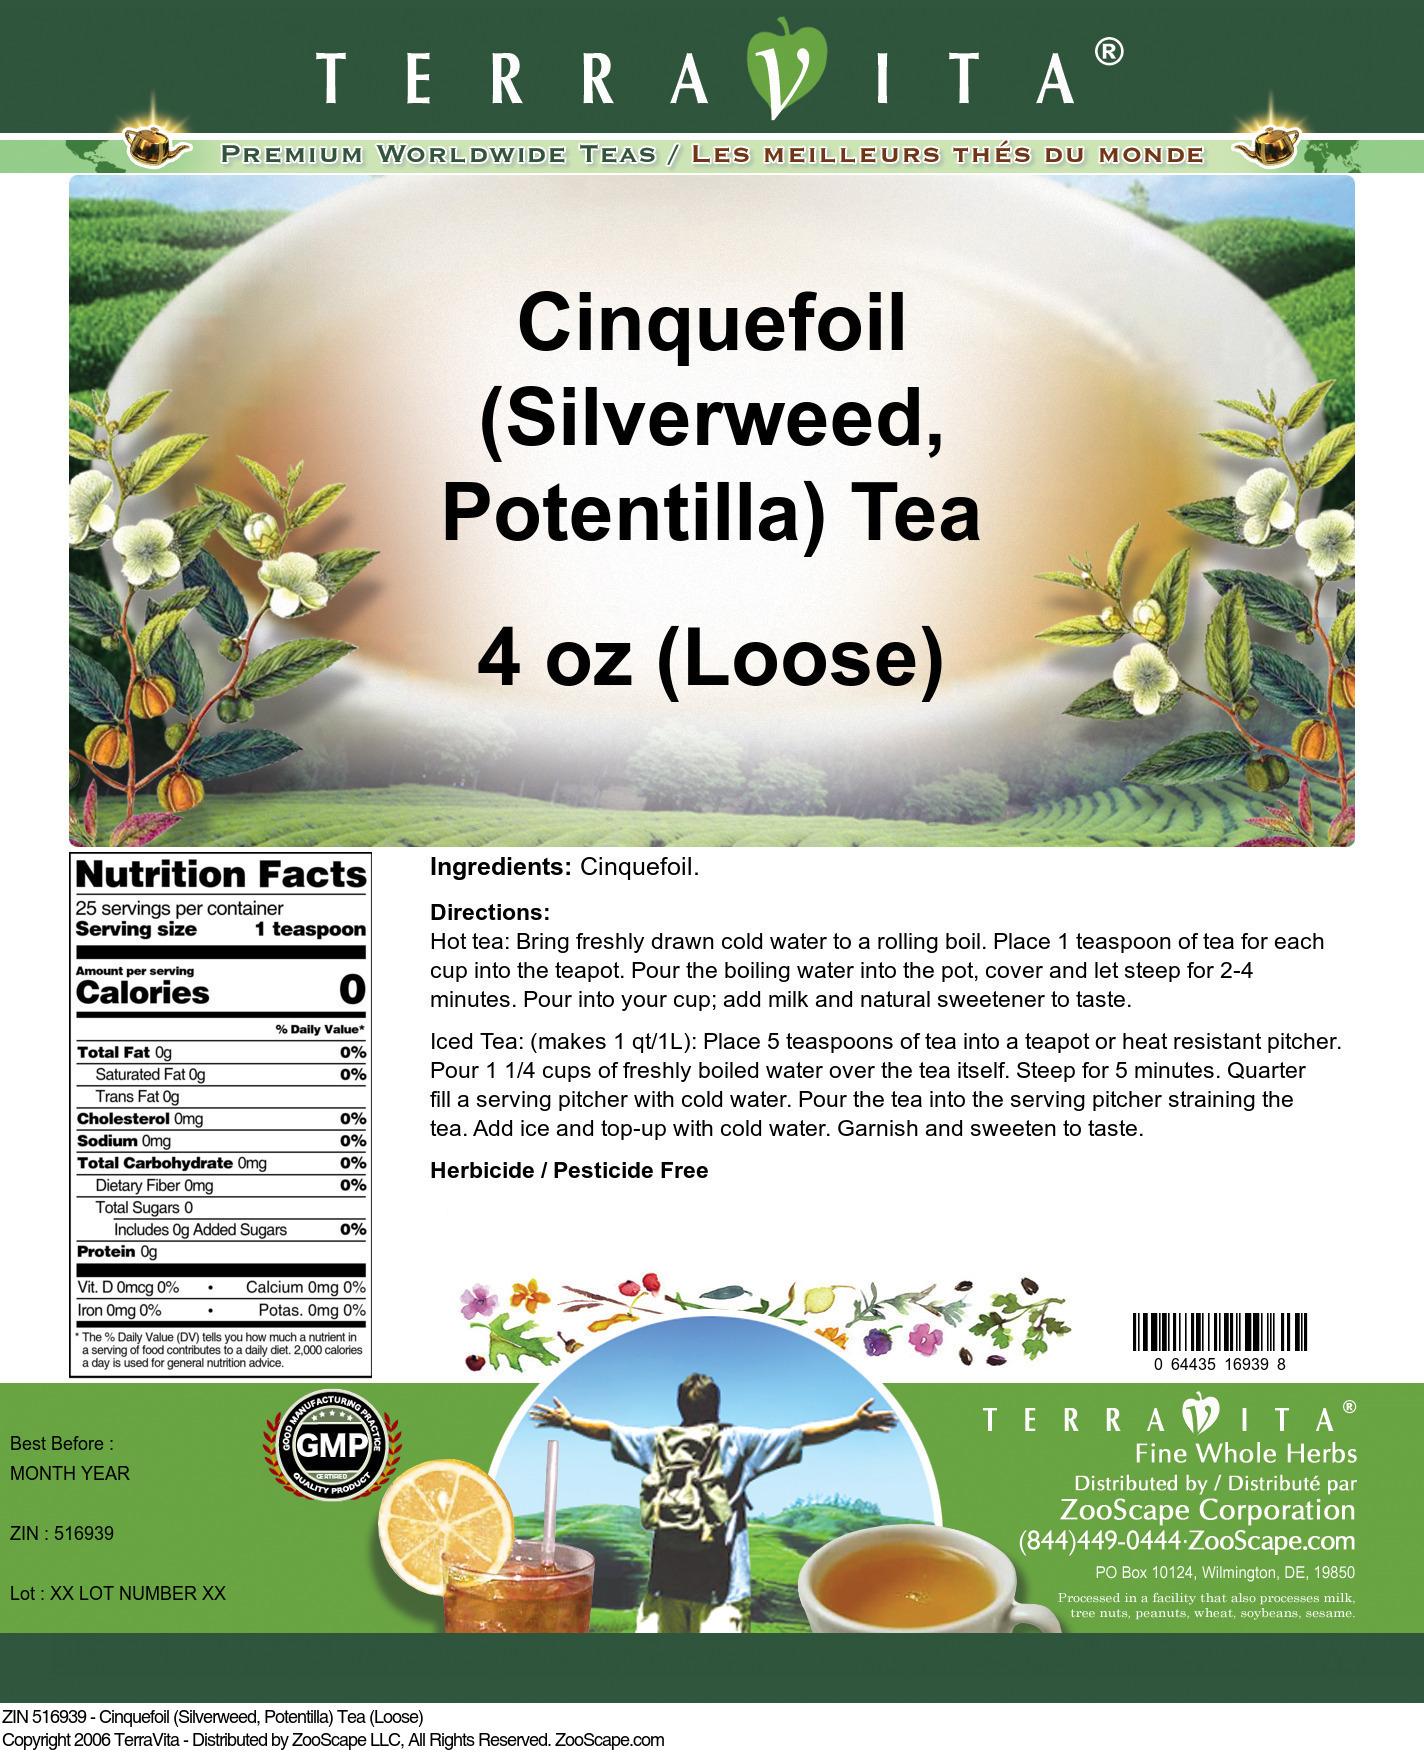 Cinquefoil (Silverweed, Potentilla) Tea (Loose)